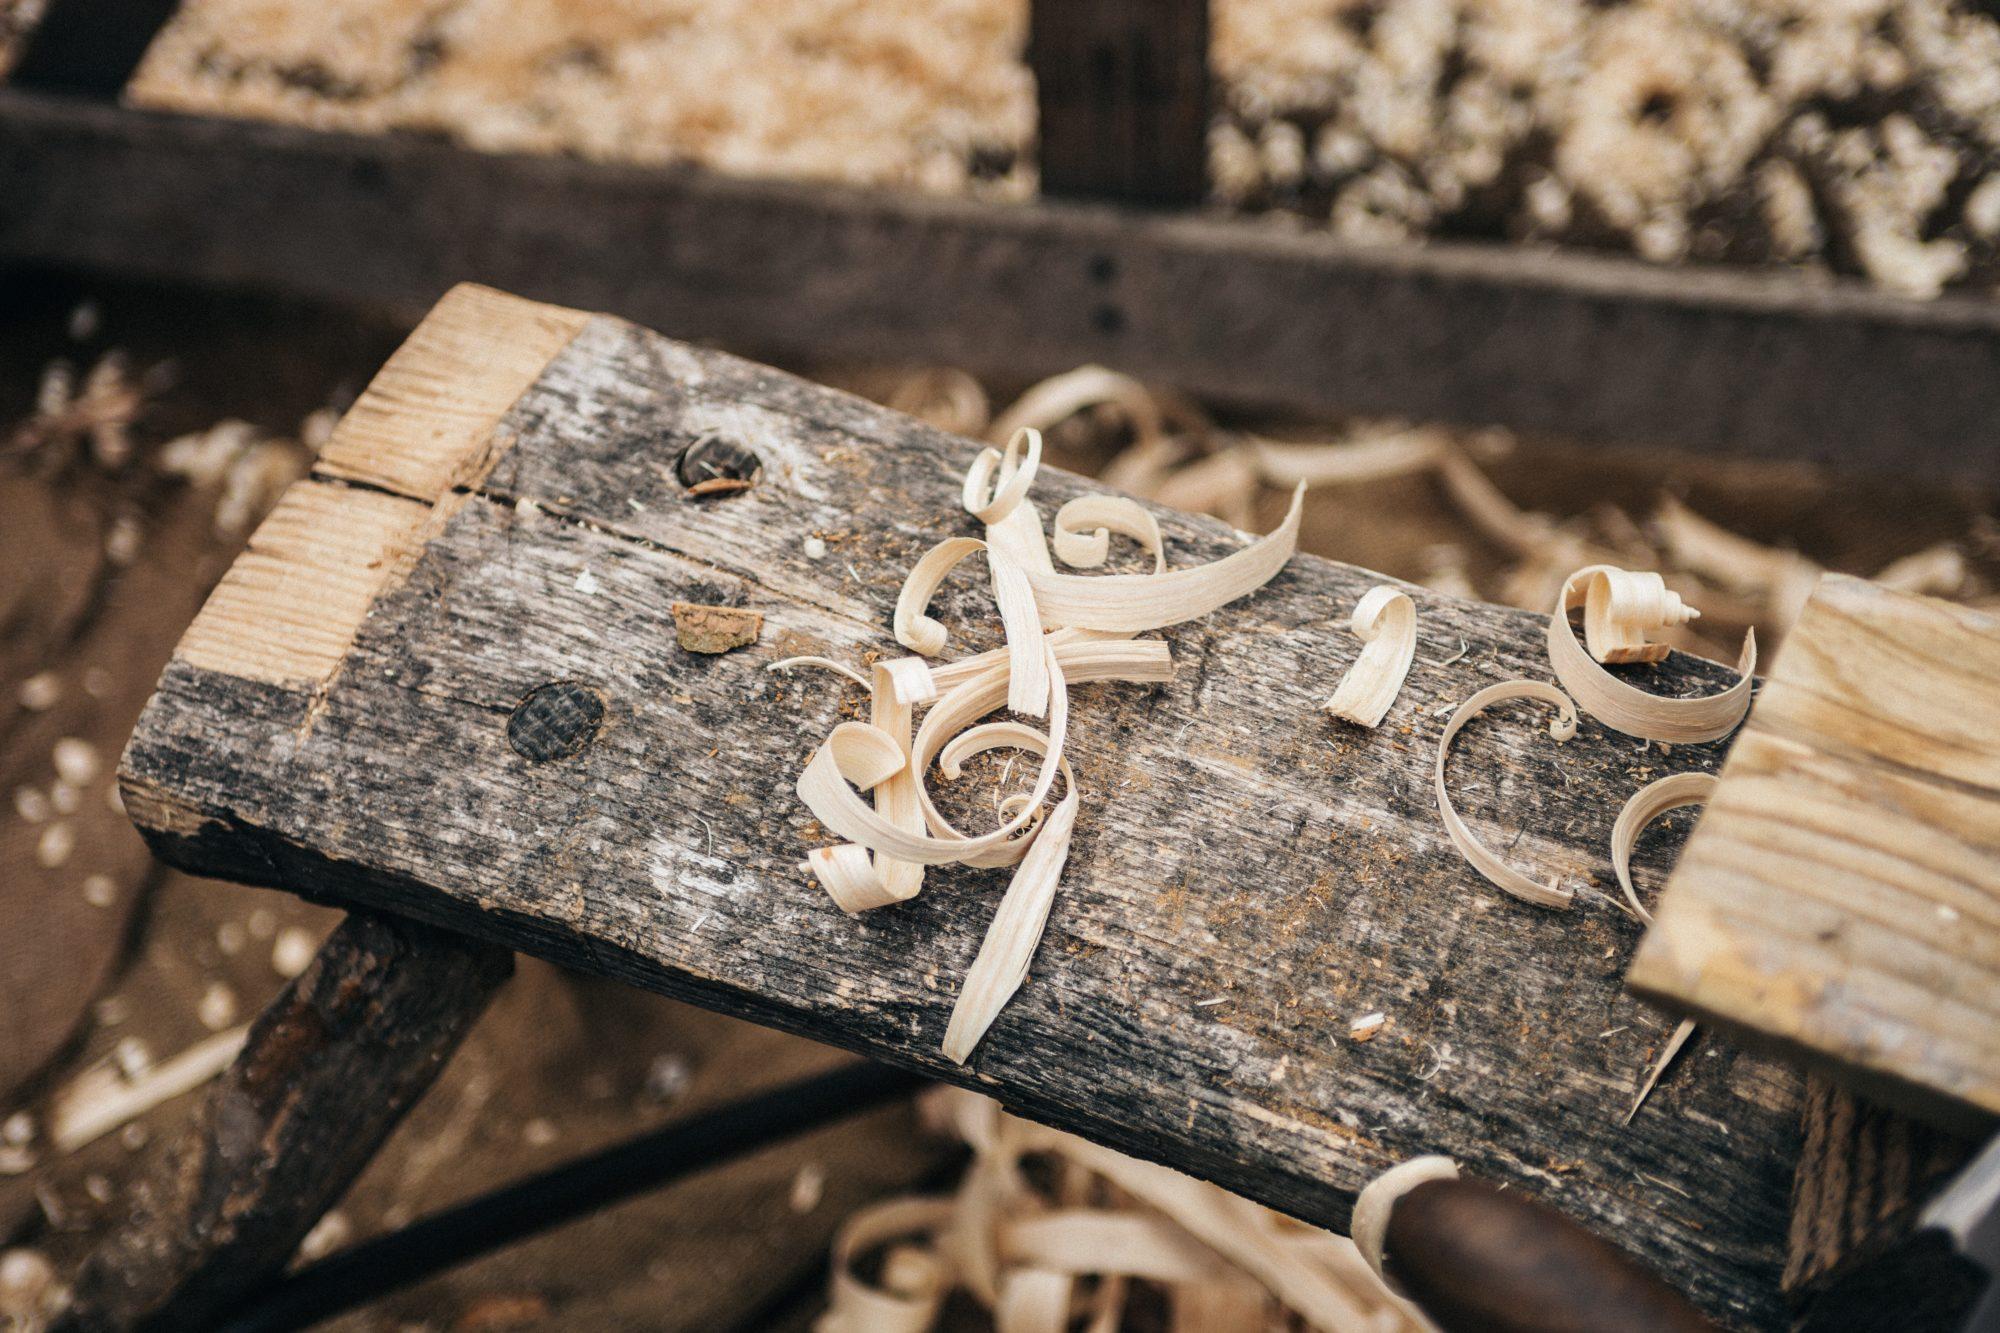 Workshop, Old Wood